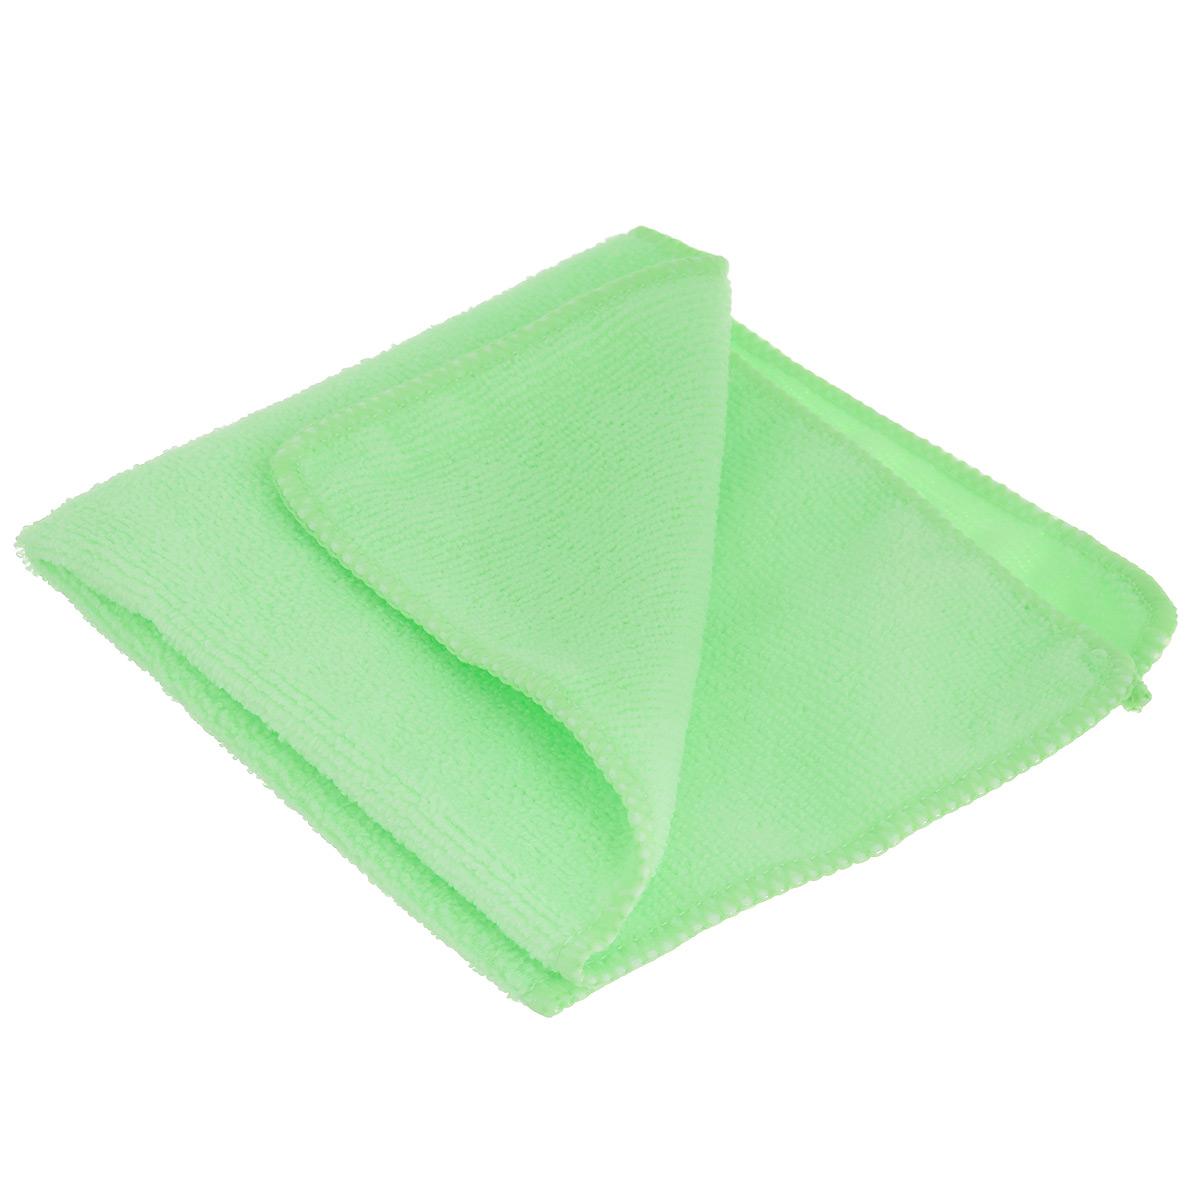 Салфетка для уборки Youll Love, цвет: салатовый, 30 х 30 смS03301004Салфетка Youll Love, изготовленная из полиэфира, предназначена для очищения загрязнений на любых поверхностях. Изделие обладает высокой износоустойчивостью и рассчитано на многократное использование, легко моется в теплой воде с мягкими чистящими средствами. Супервпитывающая салфетка не оставляет разводов и ворсинок, удаляет большинство жирных и маслянистых загрязнений без использования химических средств. Размер салфетки: 30 см х 30 см.